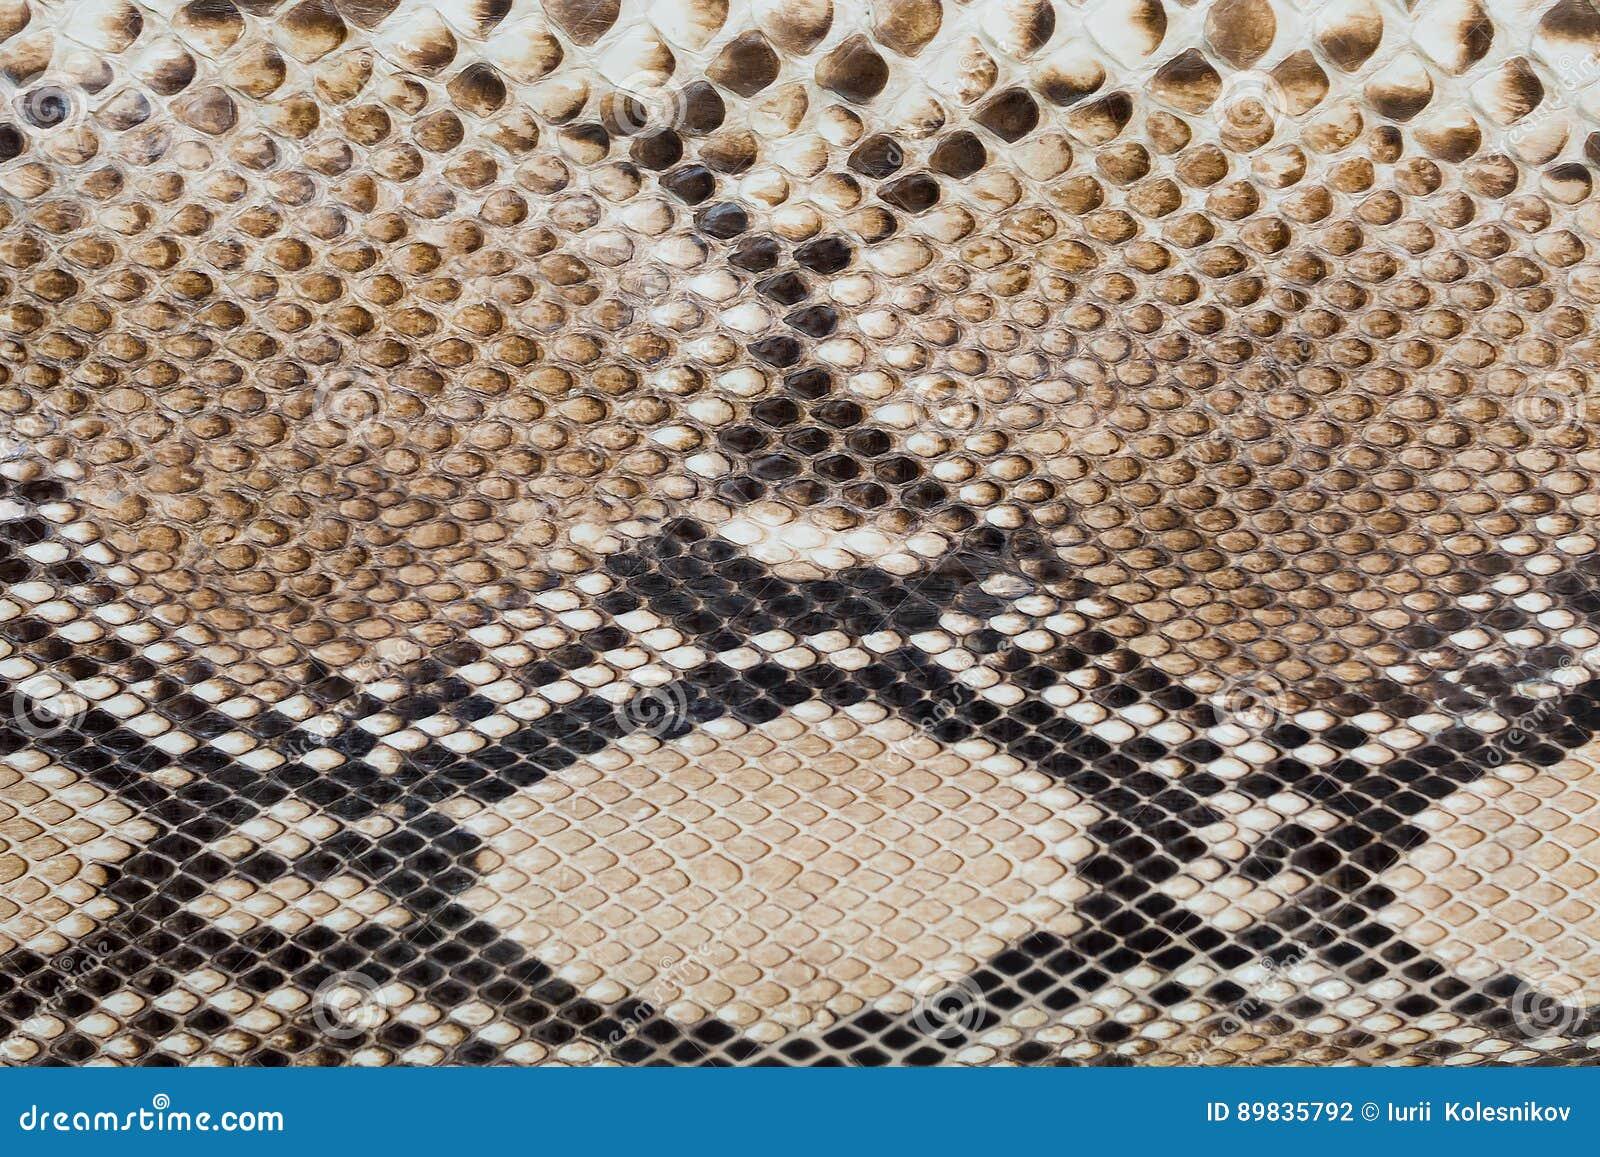 Fragment of of snake skin